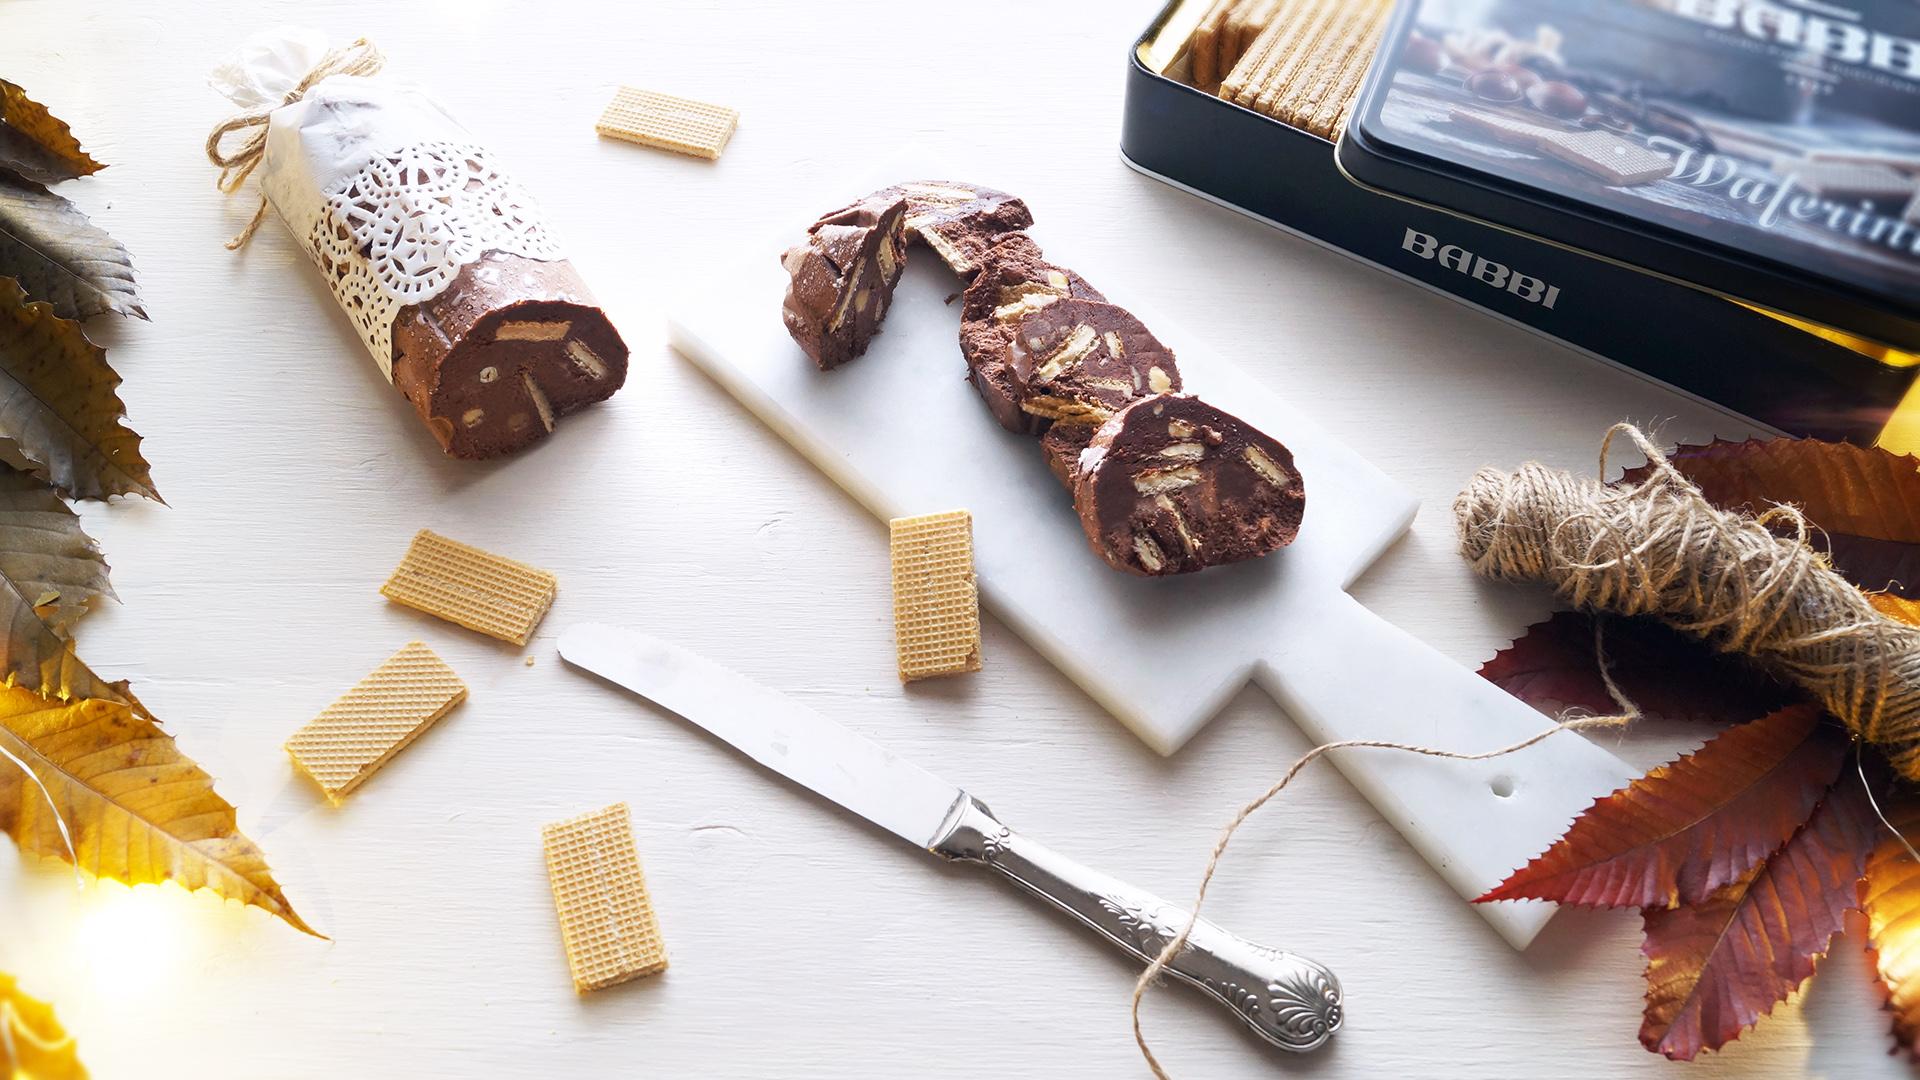 Dolci Da Credenza Biscotti Alle Nocciole : Salame di cioccolato con nocciole e waferini babbi say good